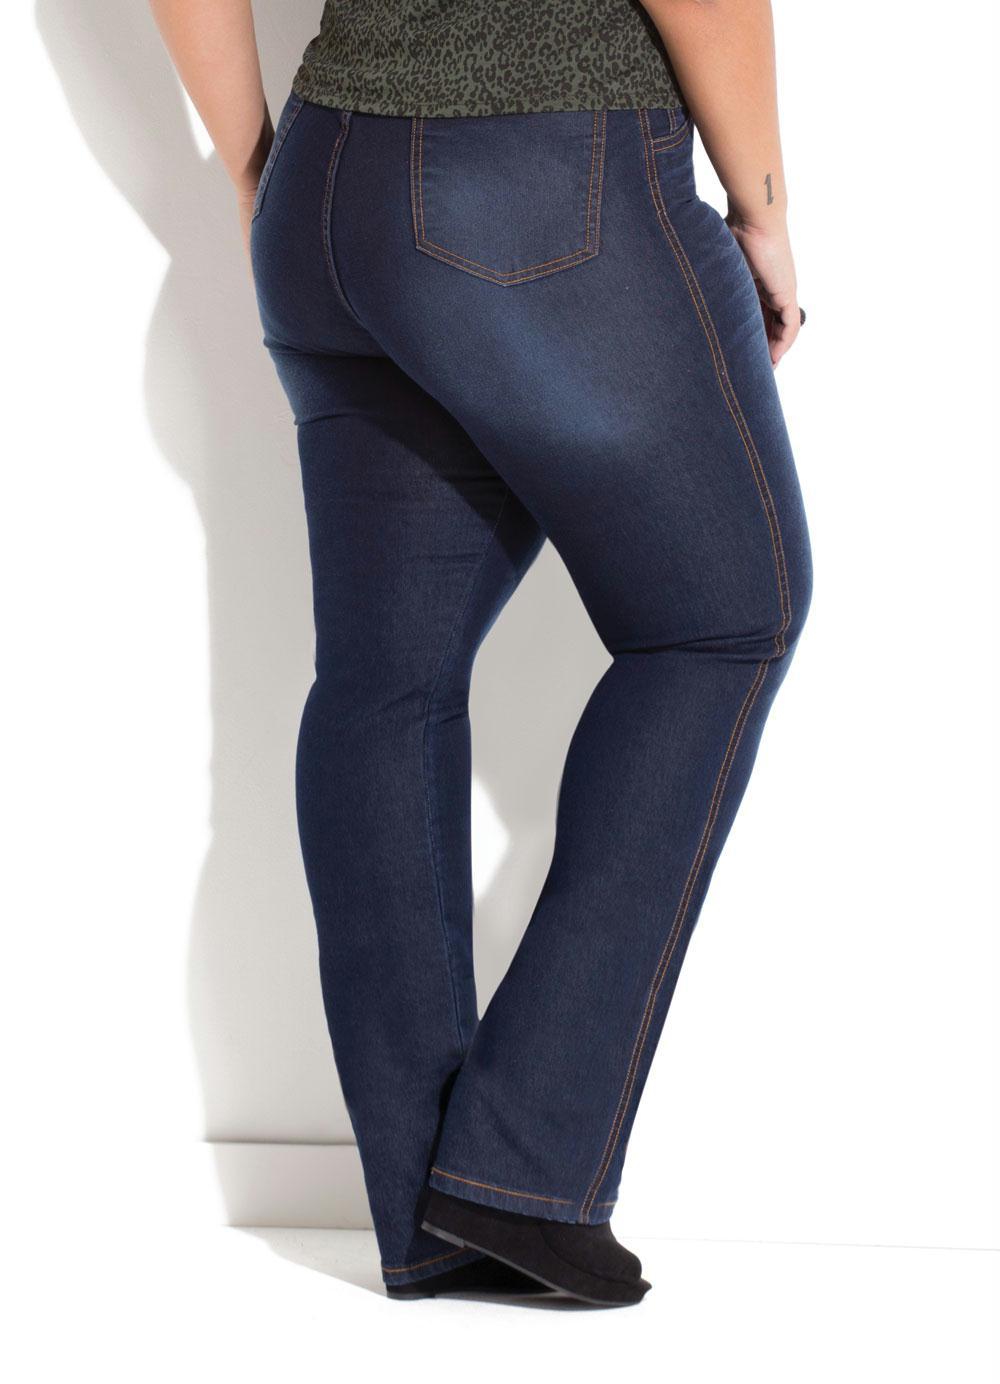 d8156ac23 Calça Jeans Quintess Plus Size - Quintess